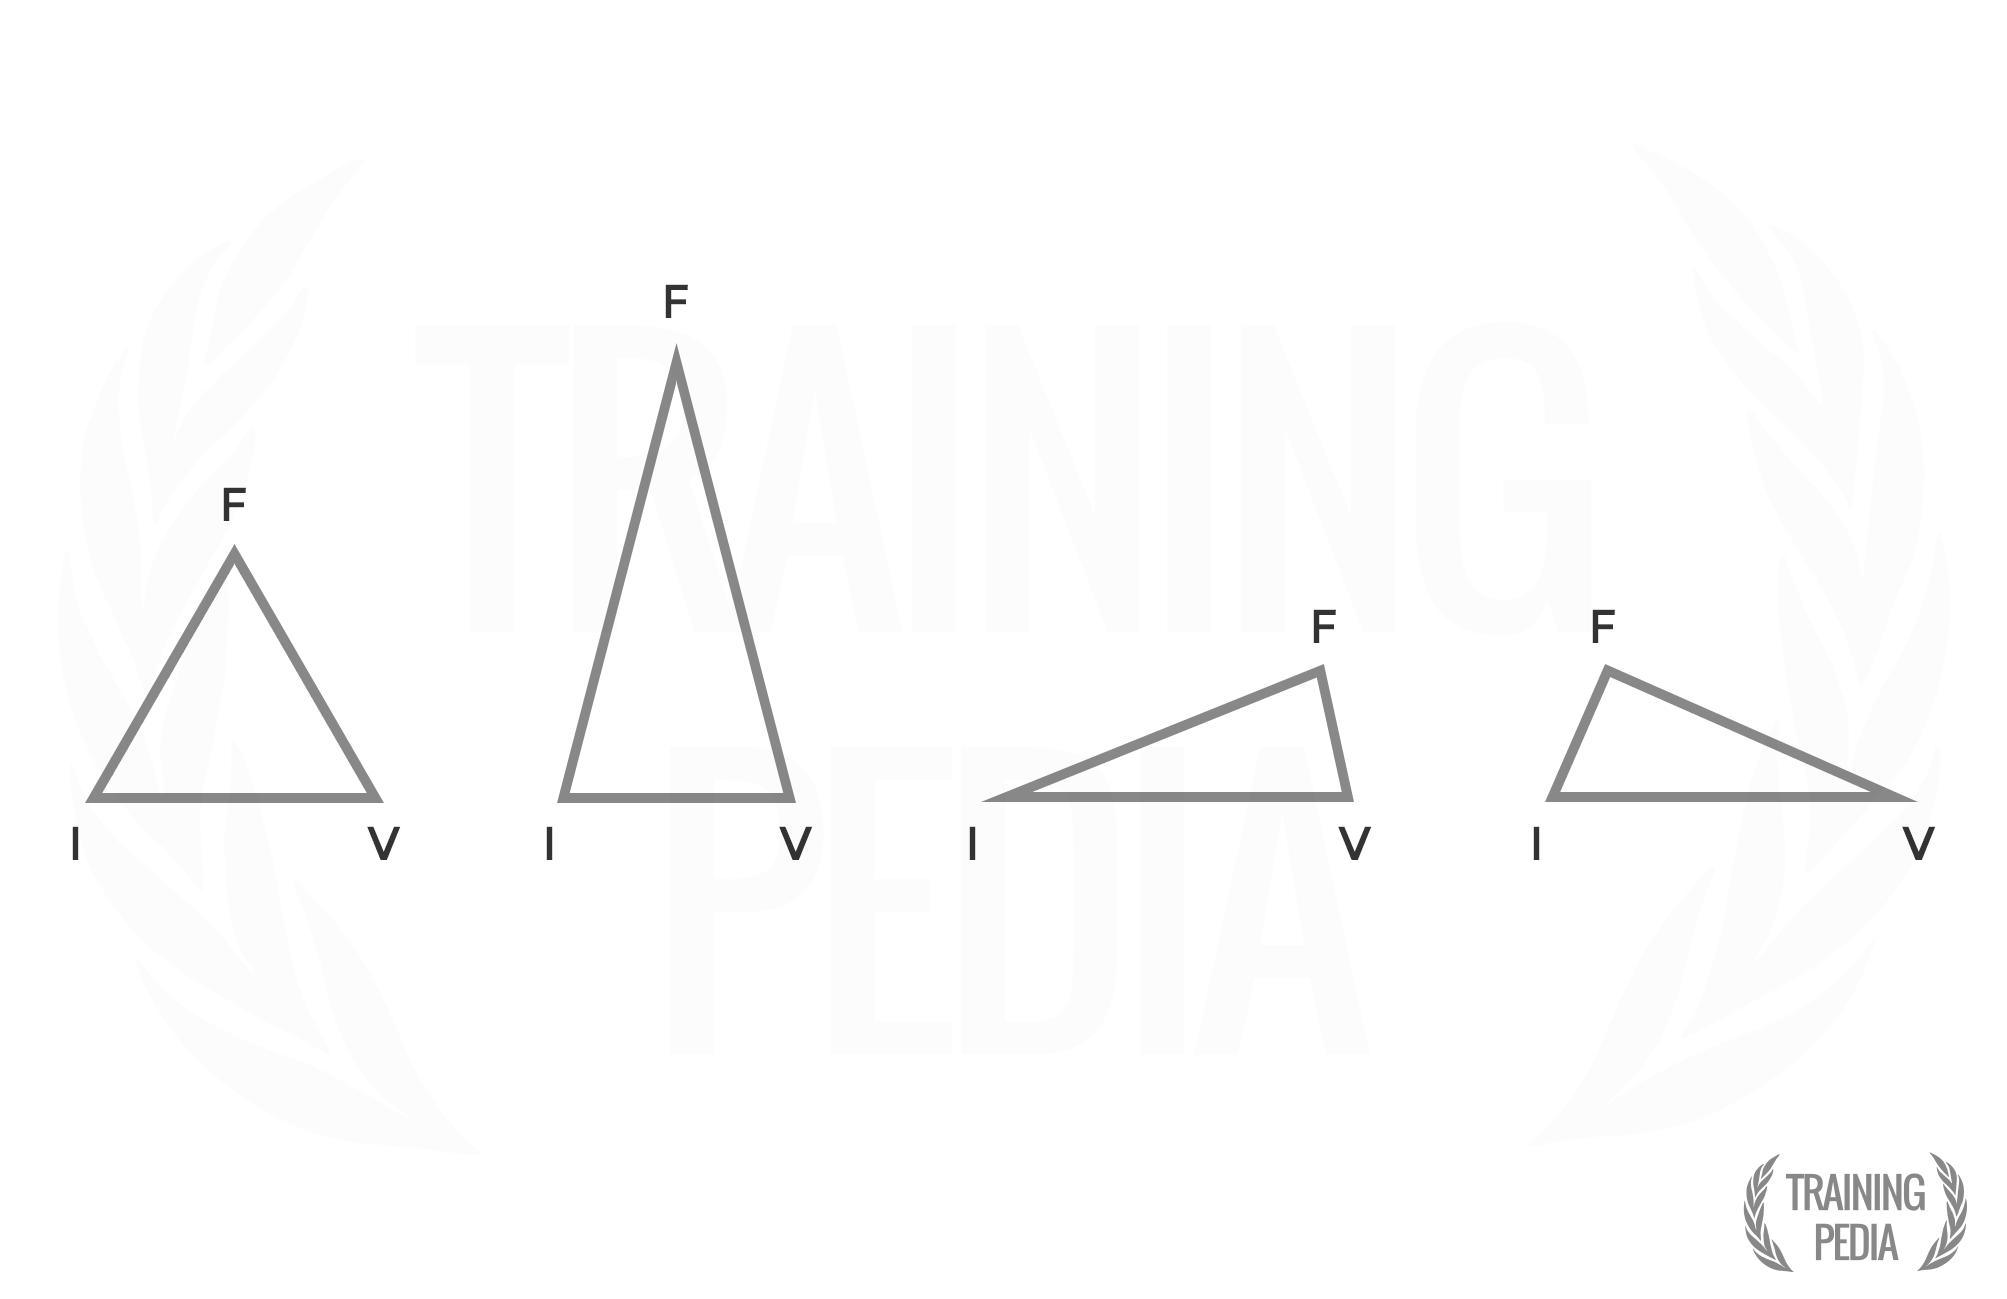 relazione-tra-intensita-frequenza-e-volume-dell-allenamento